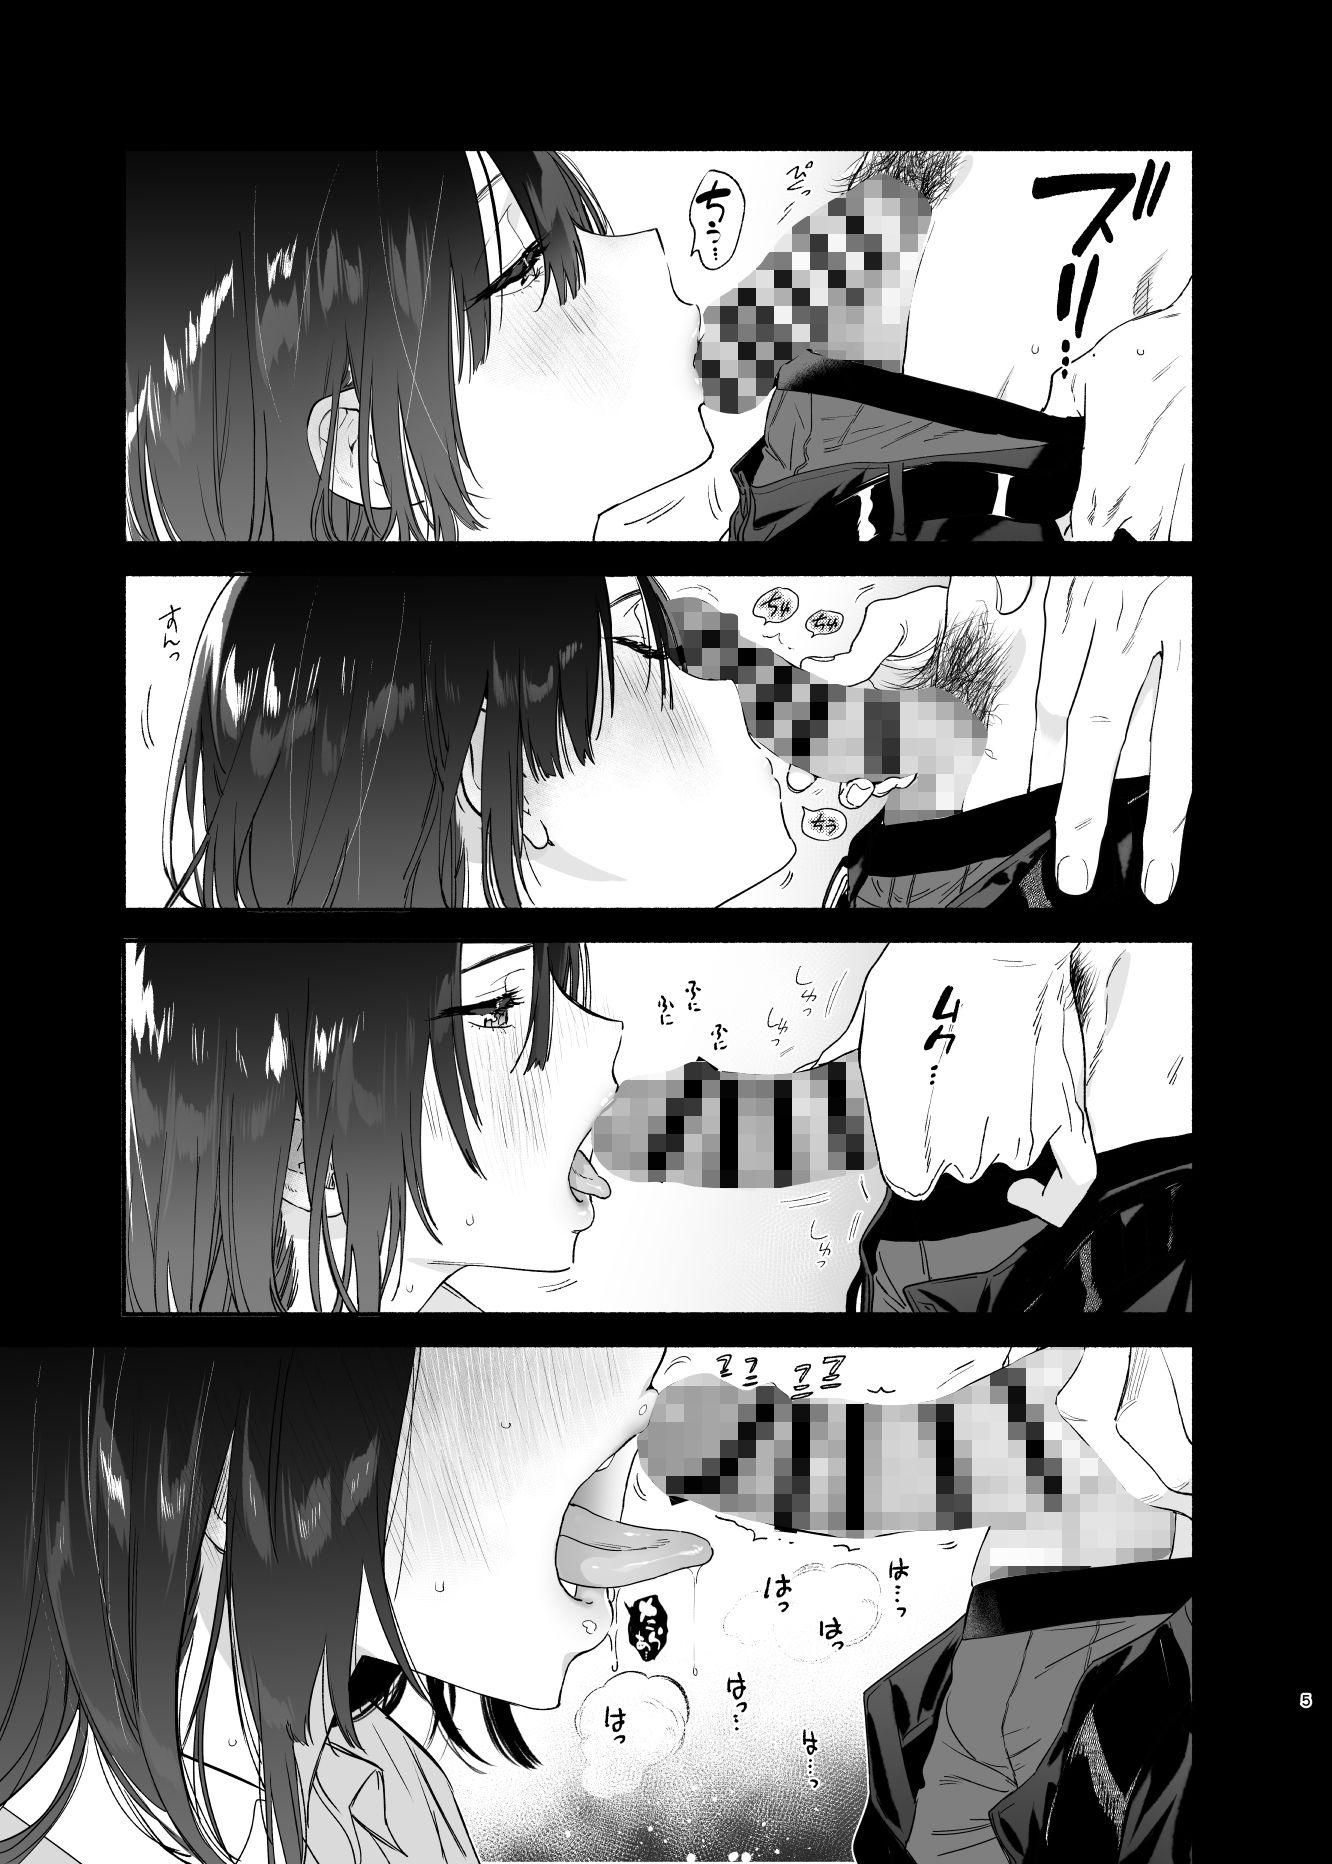 【エロ漫画無料大全集】暗くて無口な図書委員さんが、従順にちんぽを求めて乱れる姿に勃起が収まらないwww